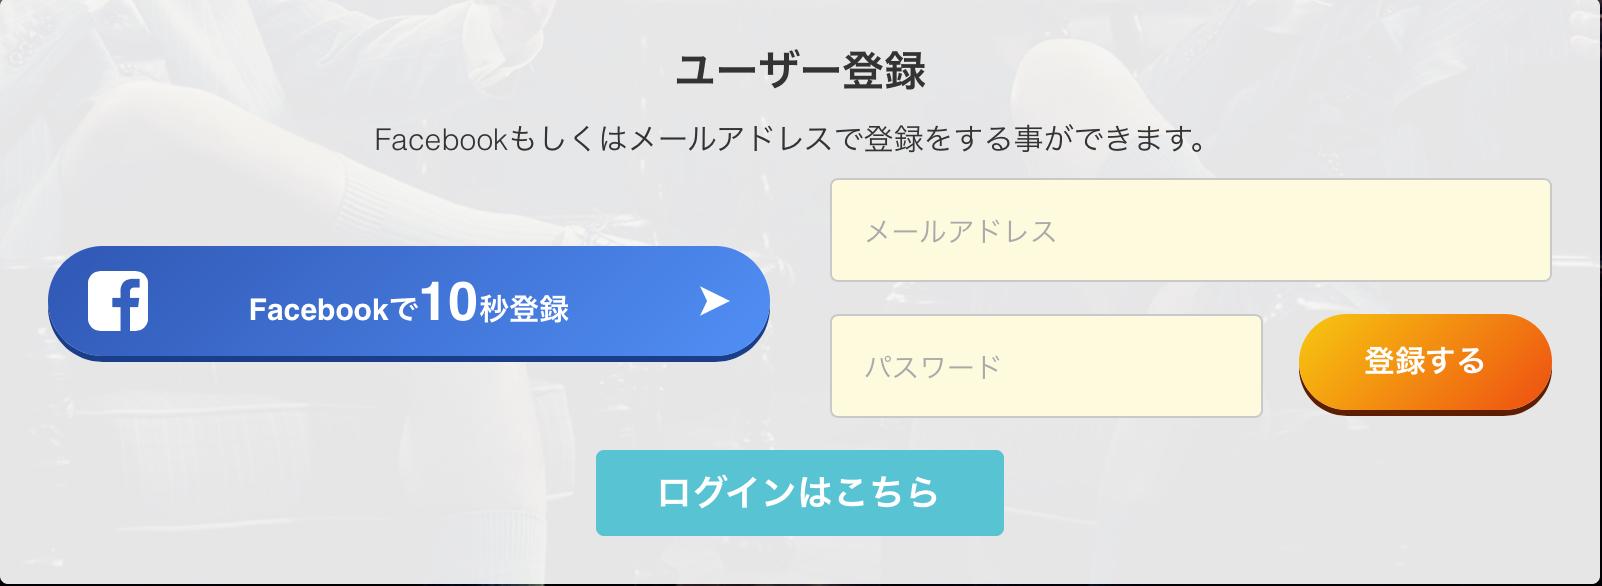 コインチェック登録方法